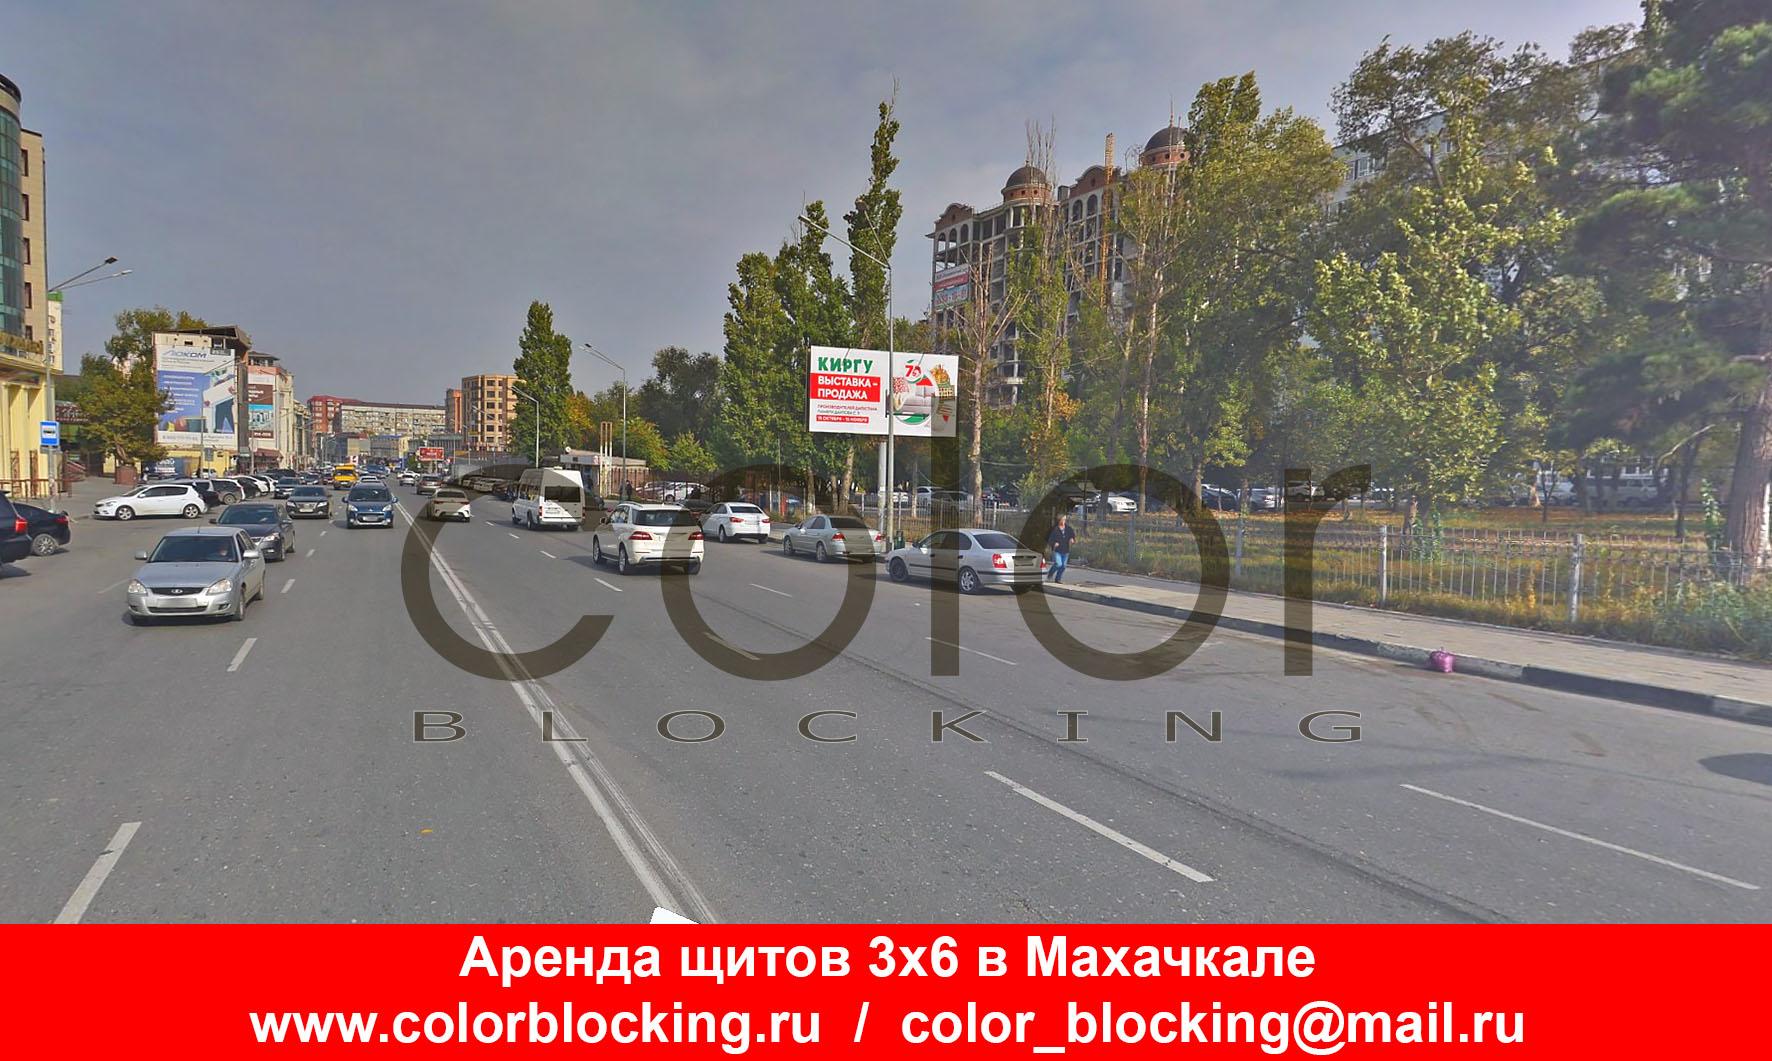 Наружная реклама в Махачкале Ярагского